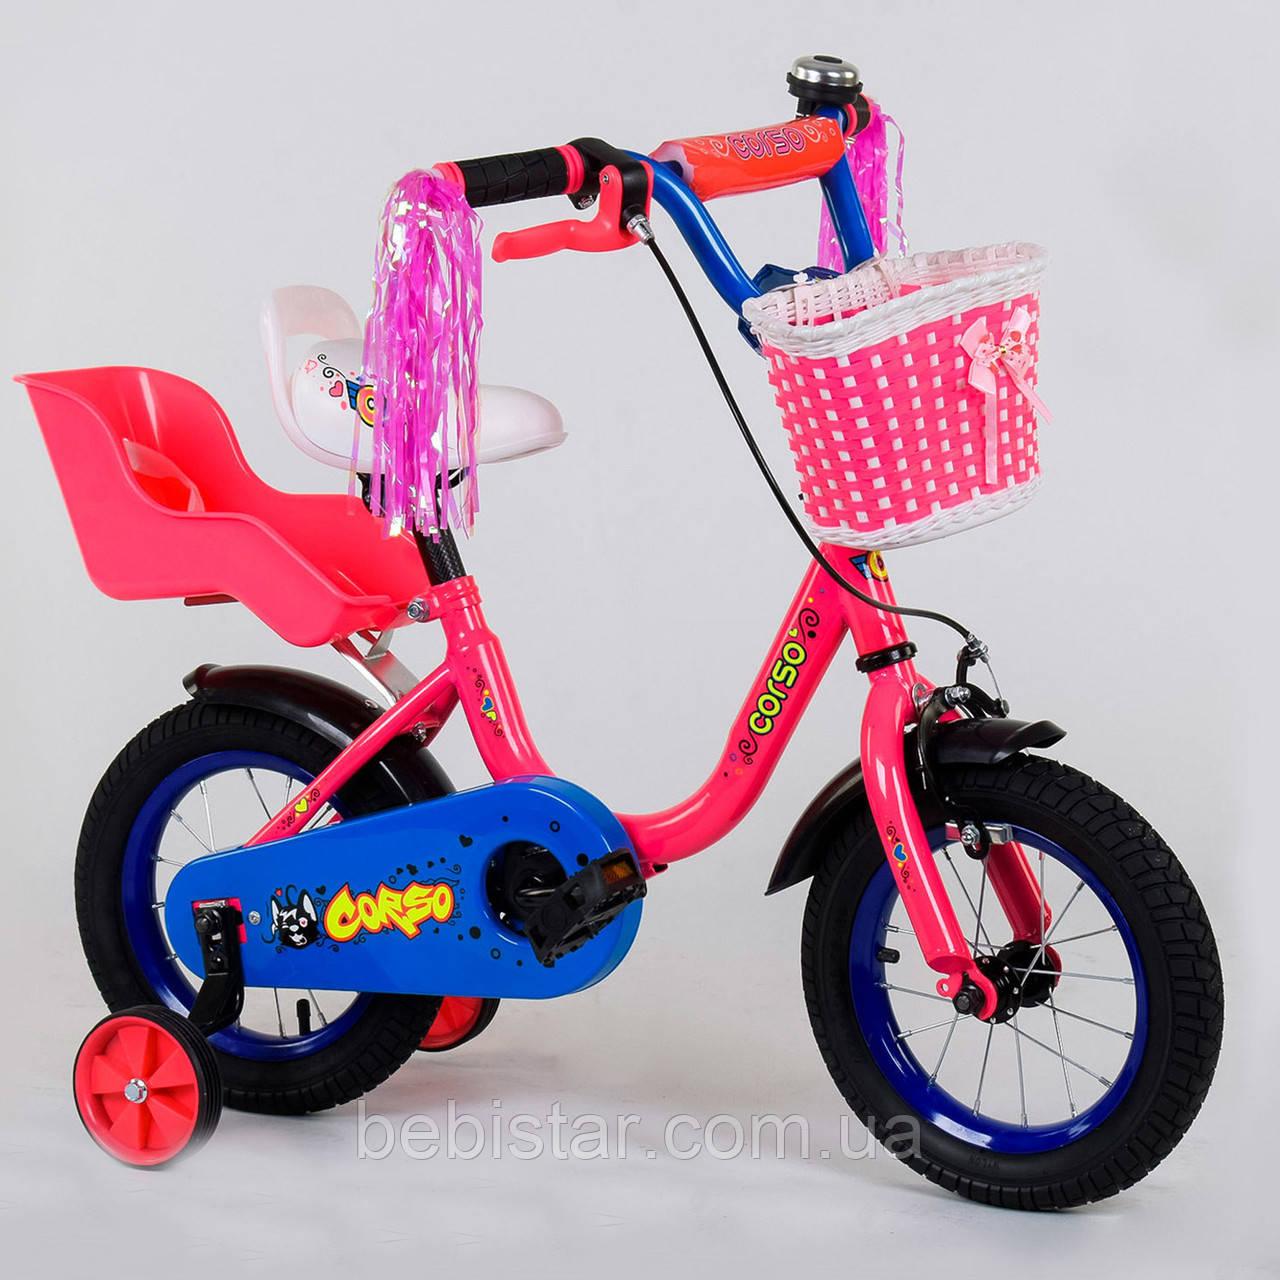 """Двухколесный детский велосипед Corso 12"""" РОЗОВЫЙ, звоночек, корзинка и сидениее для куклы деткам 3-4 года"""